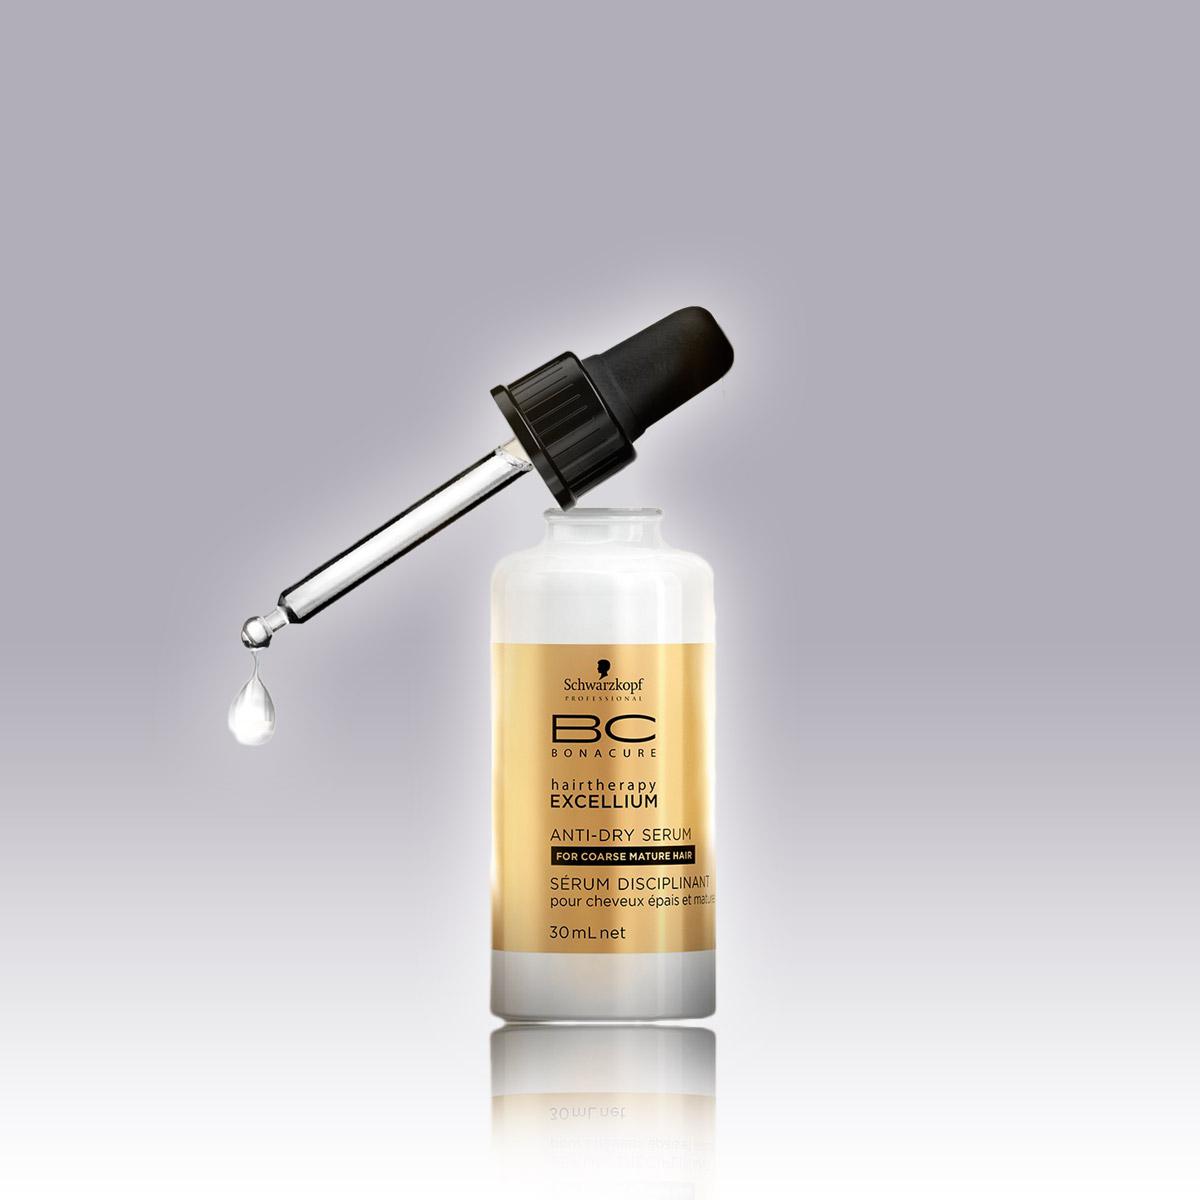 BC EXCELLIUM Q10 + Omega 3 Anti-Dry sérum, 30 ml